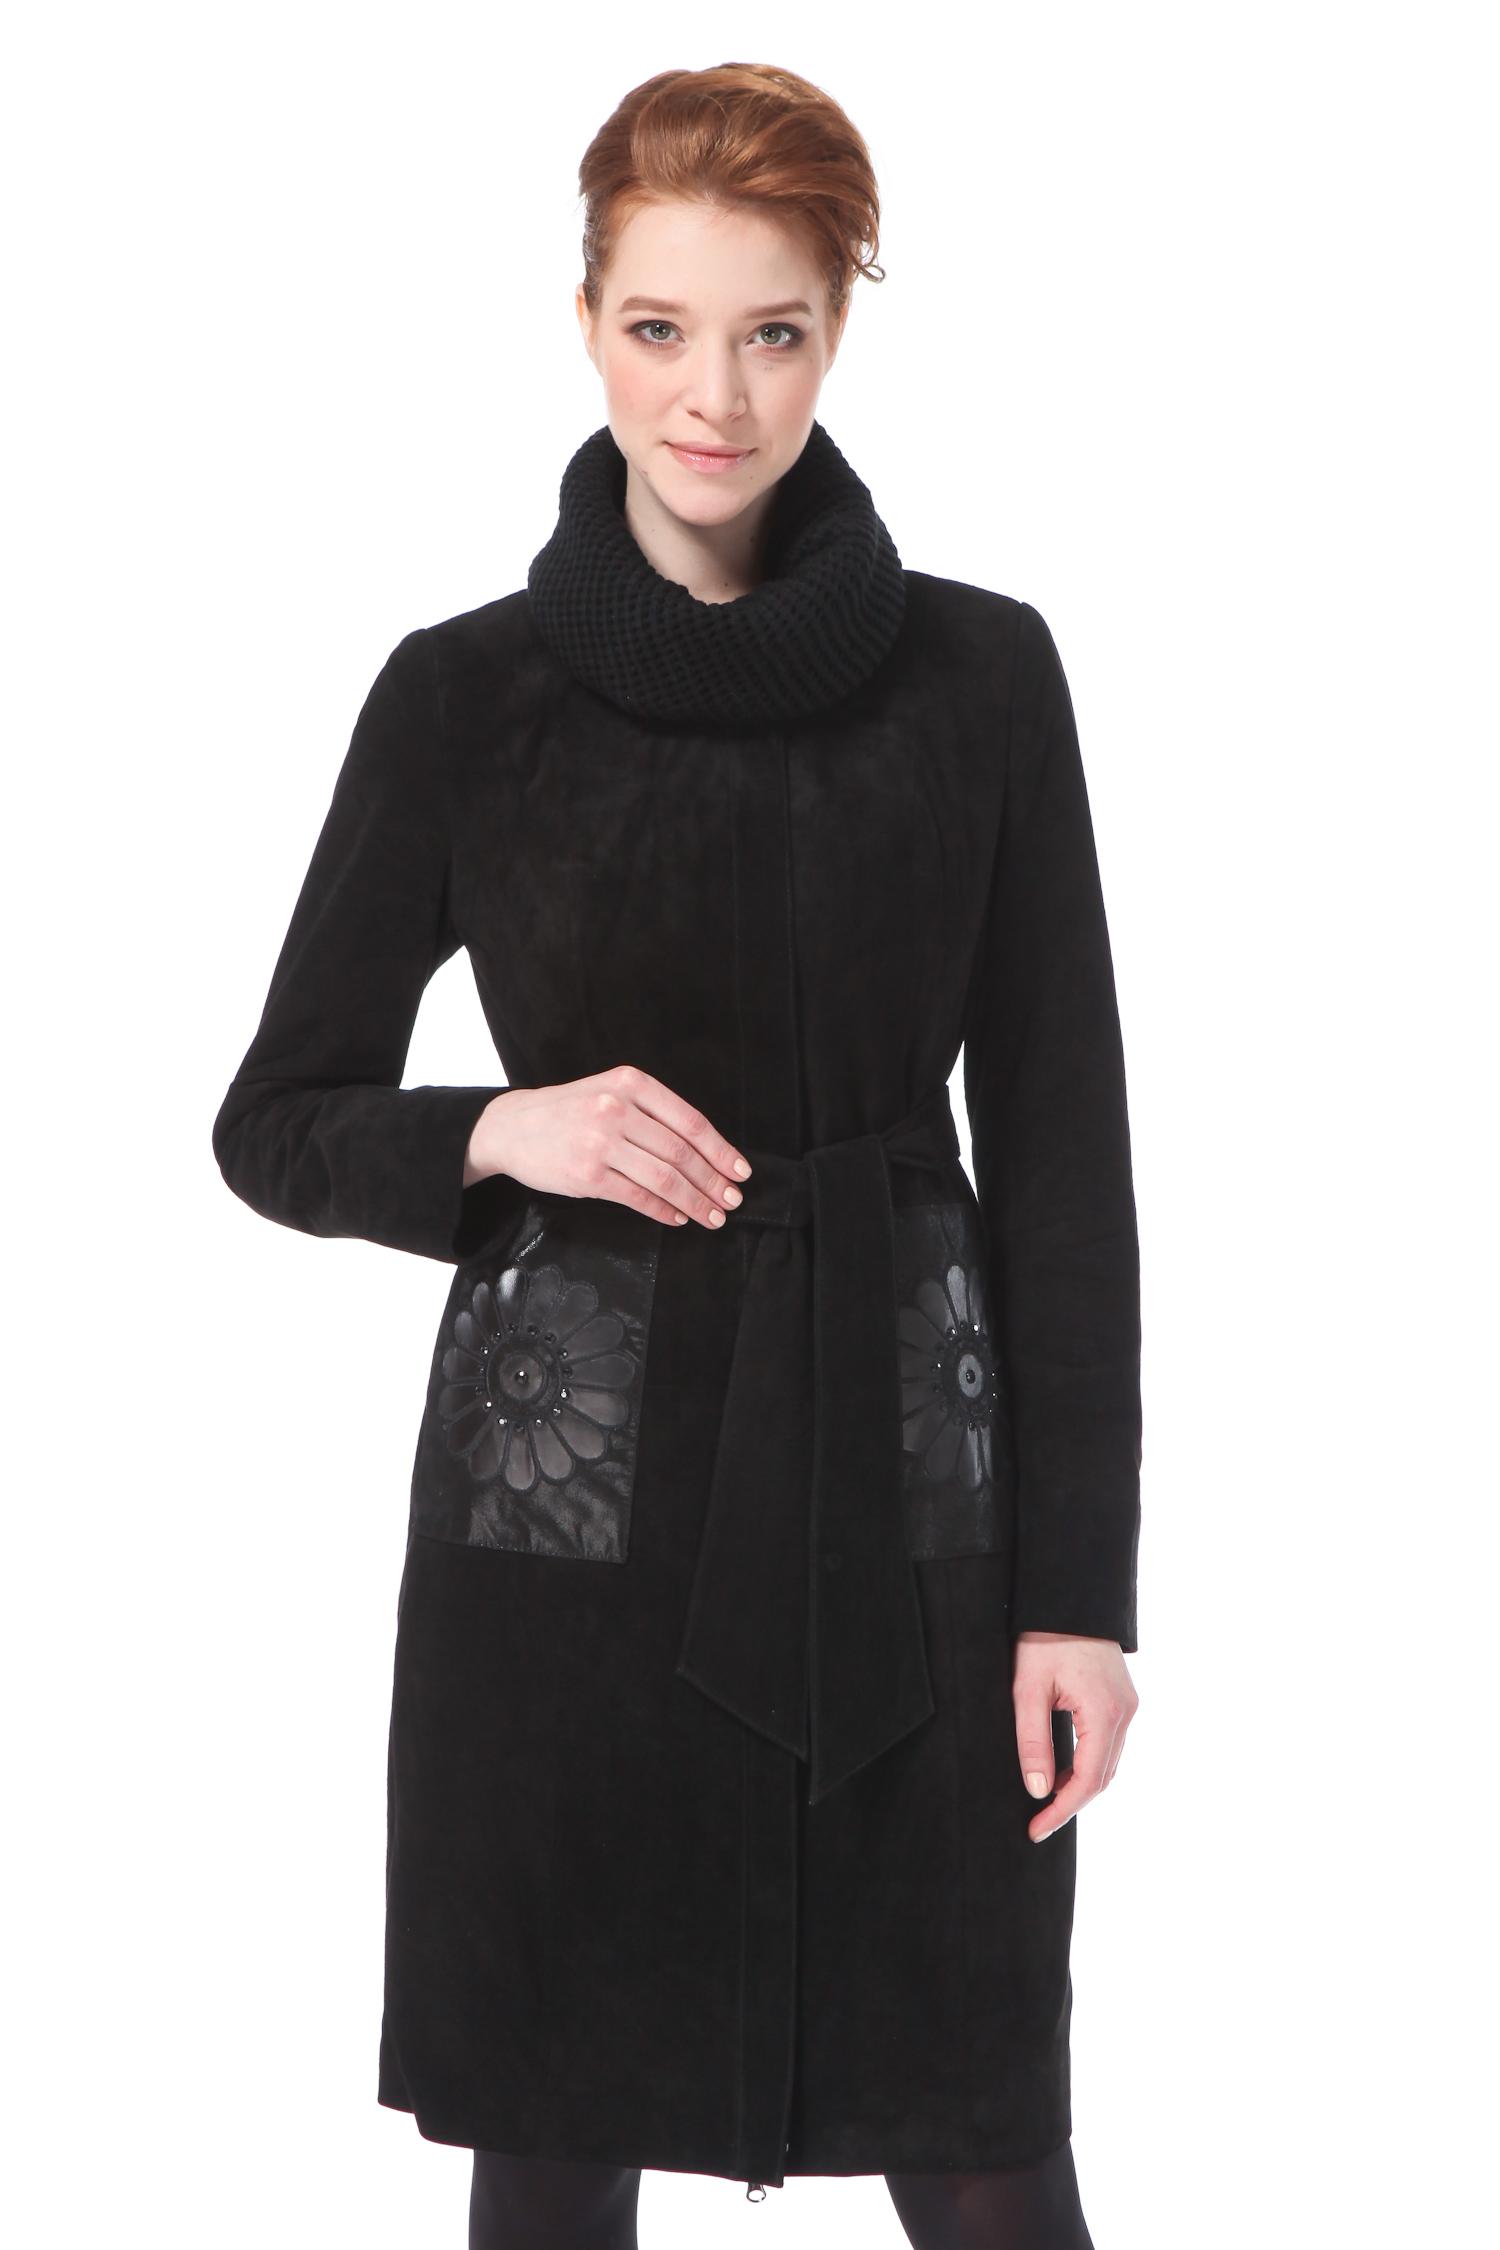 Женское кожаное пальто из натуральной замши с воротником, без отделкиОчень женственное пальто из замши с необычной отделкой в виде аппликации на карманах. Необыкновенно удачный покрой этого пальто будет одинаково хорошо смотреться в разных размерах, при желании можно подчеркунть изящную талию прилагающимся поясом. Одной из изюминок этого пальто является отстегивающий трикотажный воротник, благодаря которому Вы будете чувствовать себя одинаково комфортно в разнах погодных условиях. Не упустите возможность приобрести это чудесное пальто, которое будет радовать Вас не один сезон!<br><br>Воротник: съемный воротник<br>Длина см: Длинная (свыше 90)<br>Материал: Замша<br>Цвет: черный<br>Вид застежки: потайная<br>Застежка: на молнии<br>Пол: Женский<br>Размер RU: 46